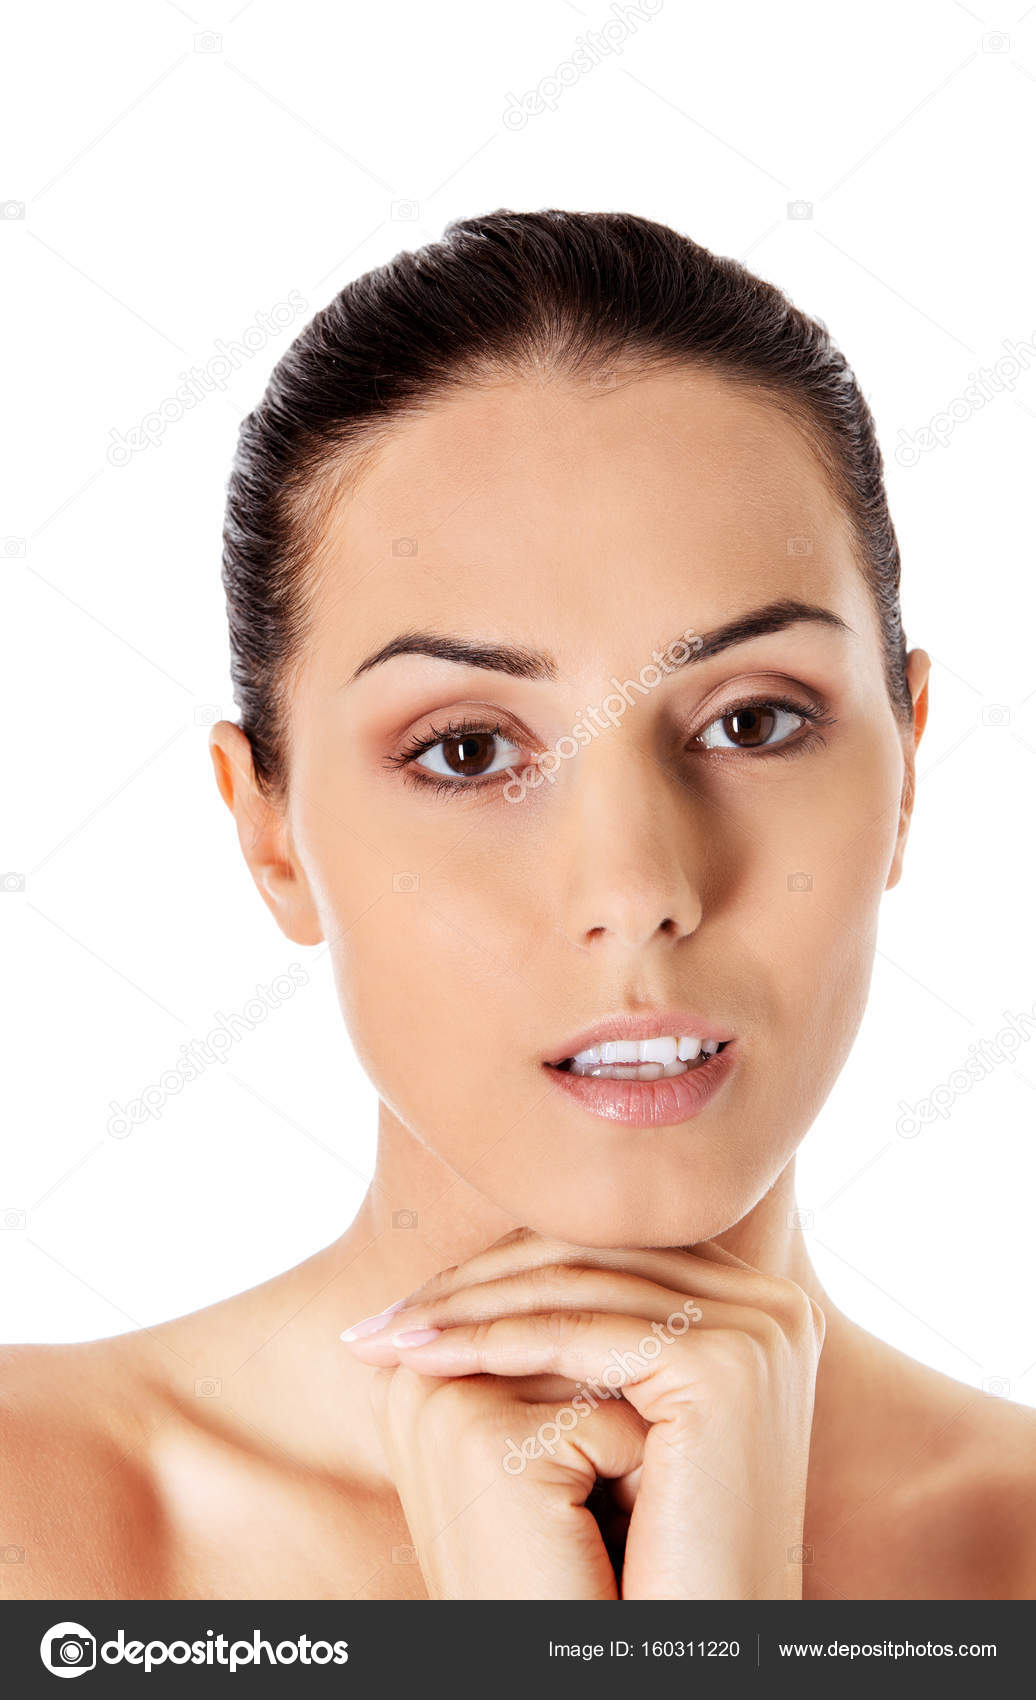 Schönes Gesicht einer jungen Frau mit sauberer, frischer